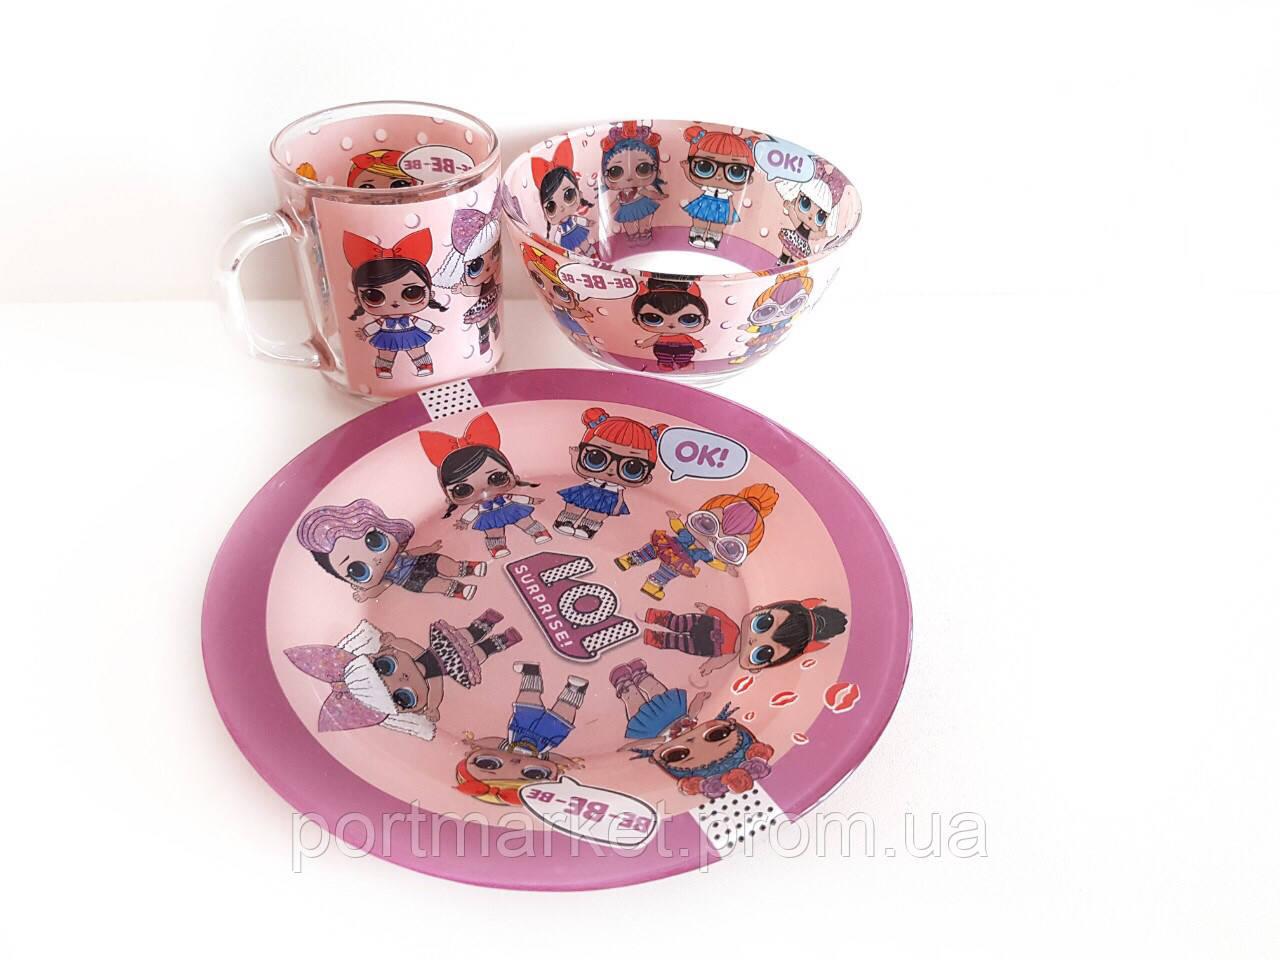 Набор детской стеклянной посуды (Куклы Лол)